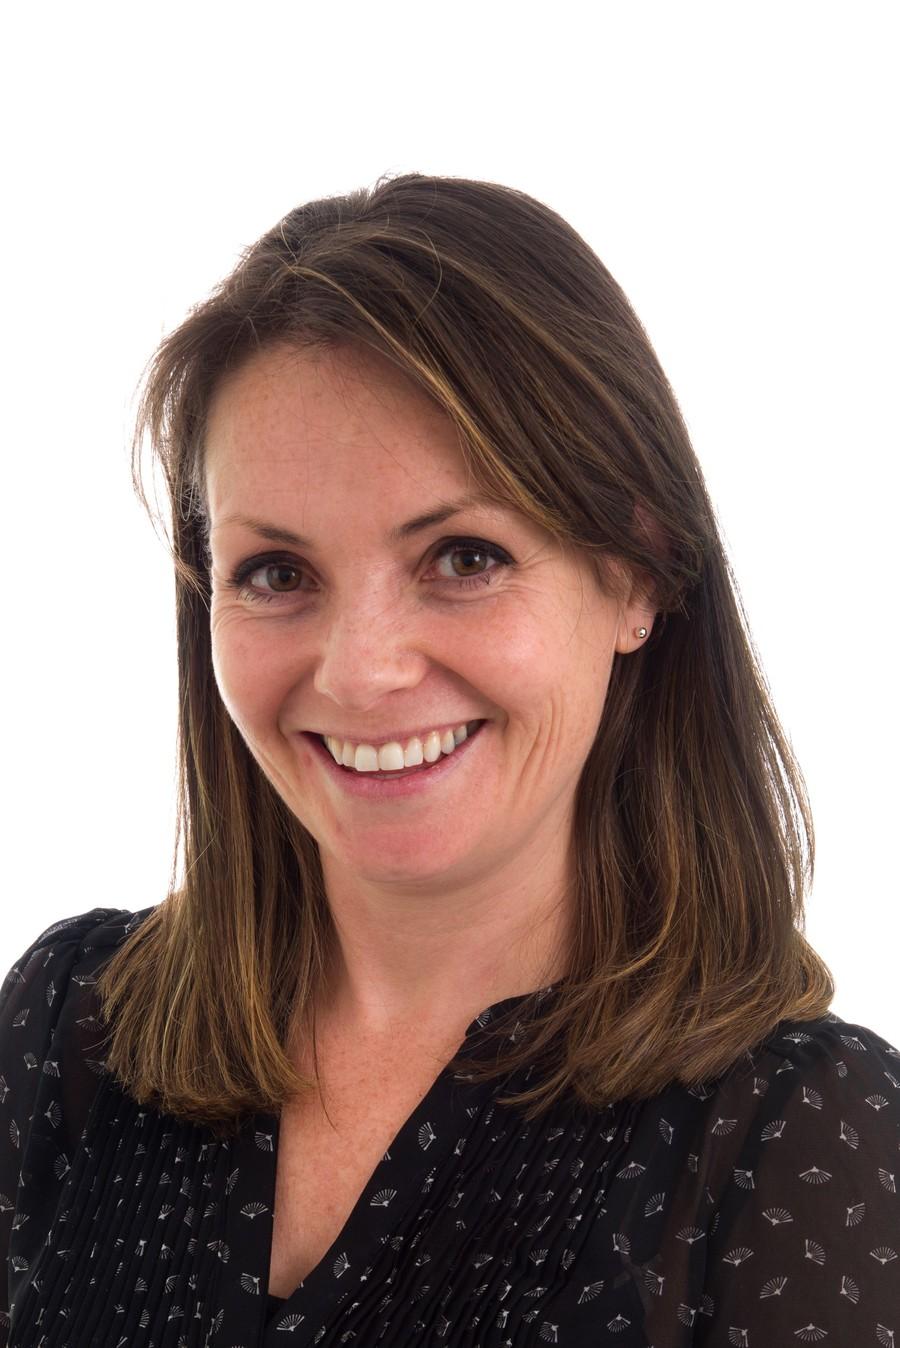 Karen Curran